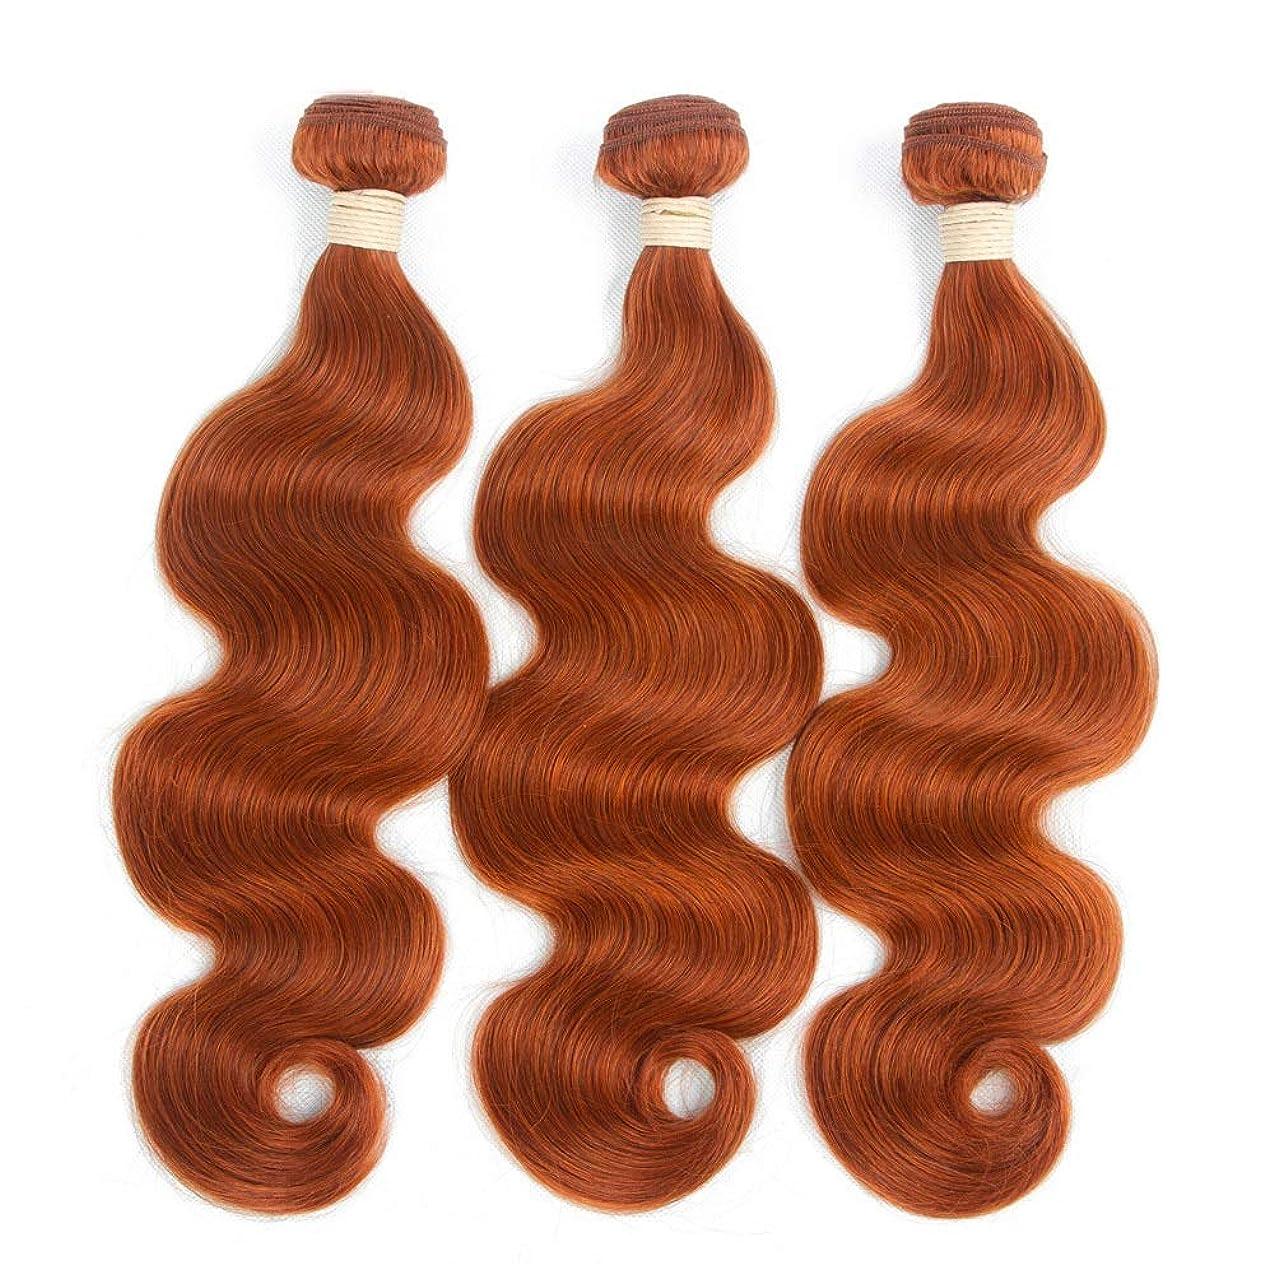 架空のコース故国BOBIDYEE 実体波バージンヘア1バンドル100%未処理のRemyヒューマンヘアエクステンション#350茶色がかった黄色の髪の織り方(1バンドル、8